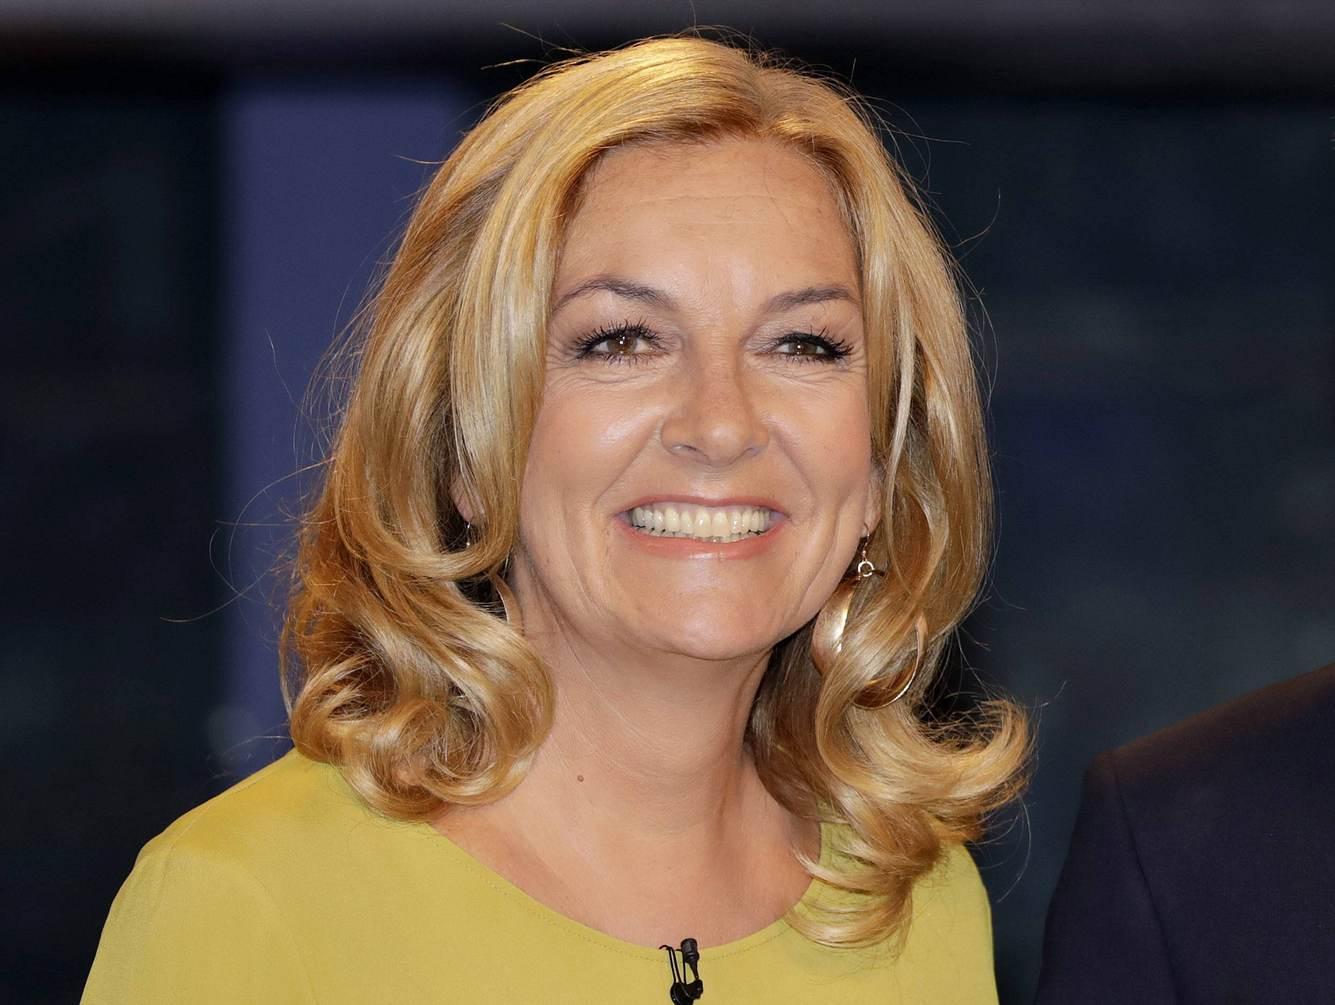 Moderatorin Bettina Tietjen bei einer Aufzeichnung der NDR-Talkshow in Hamburg.